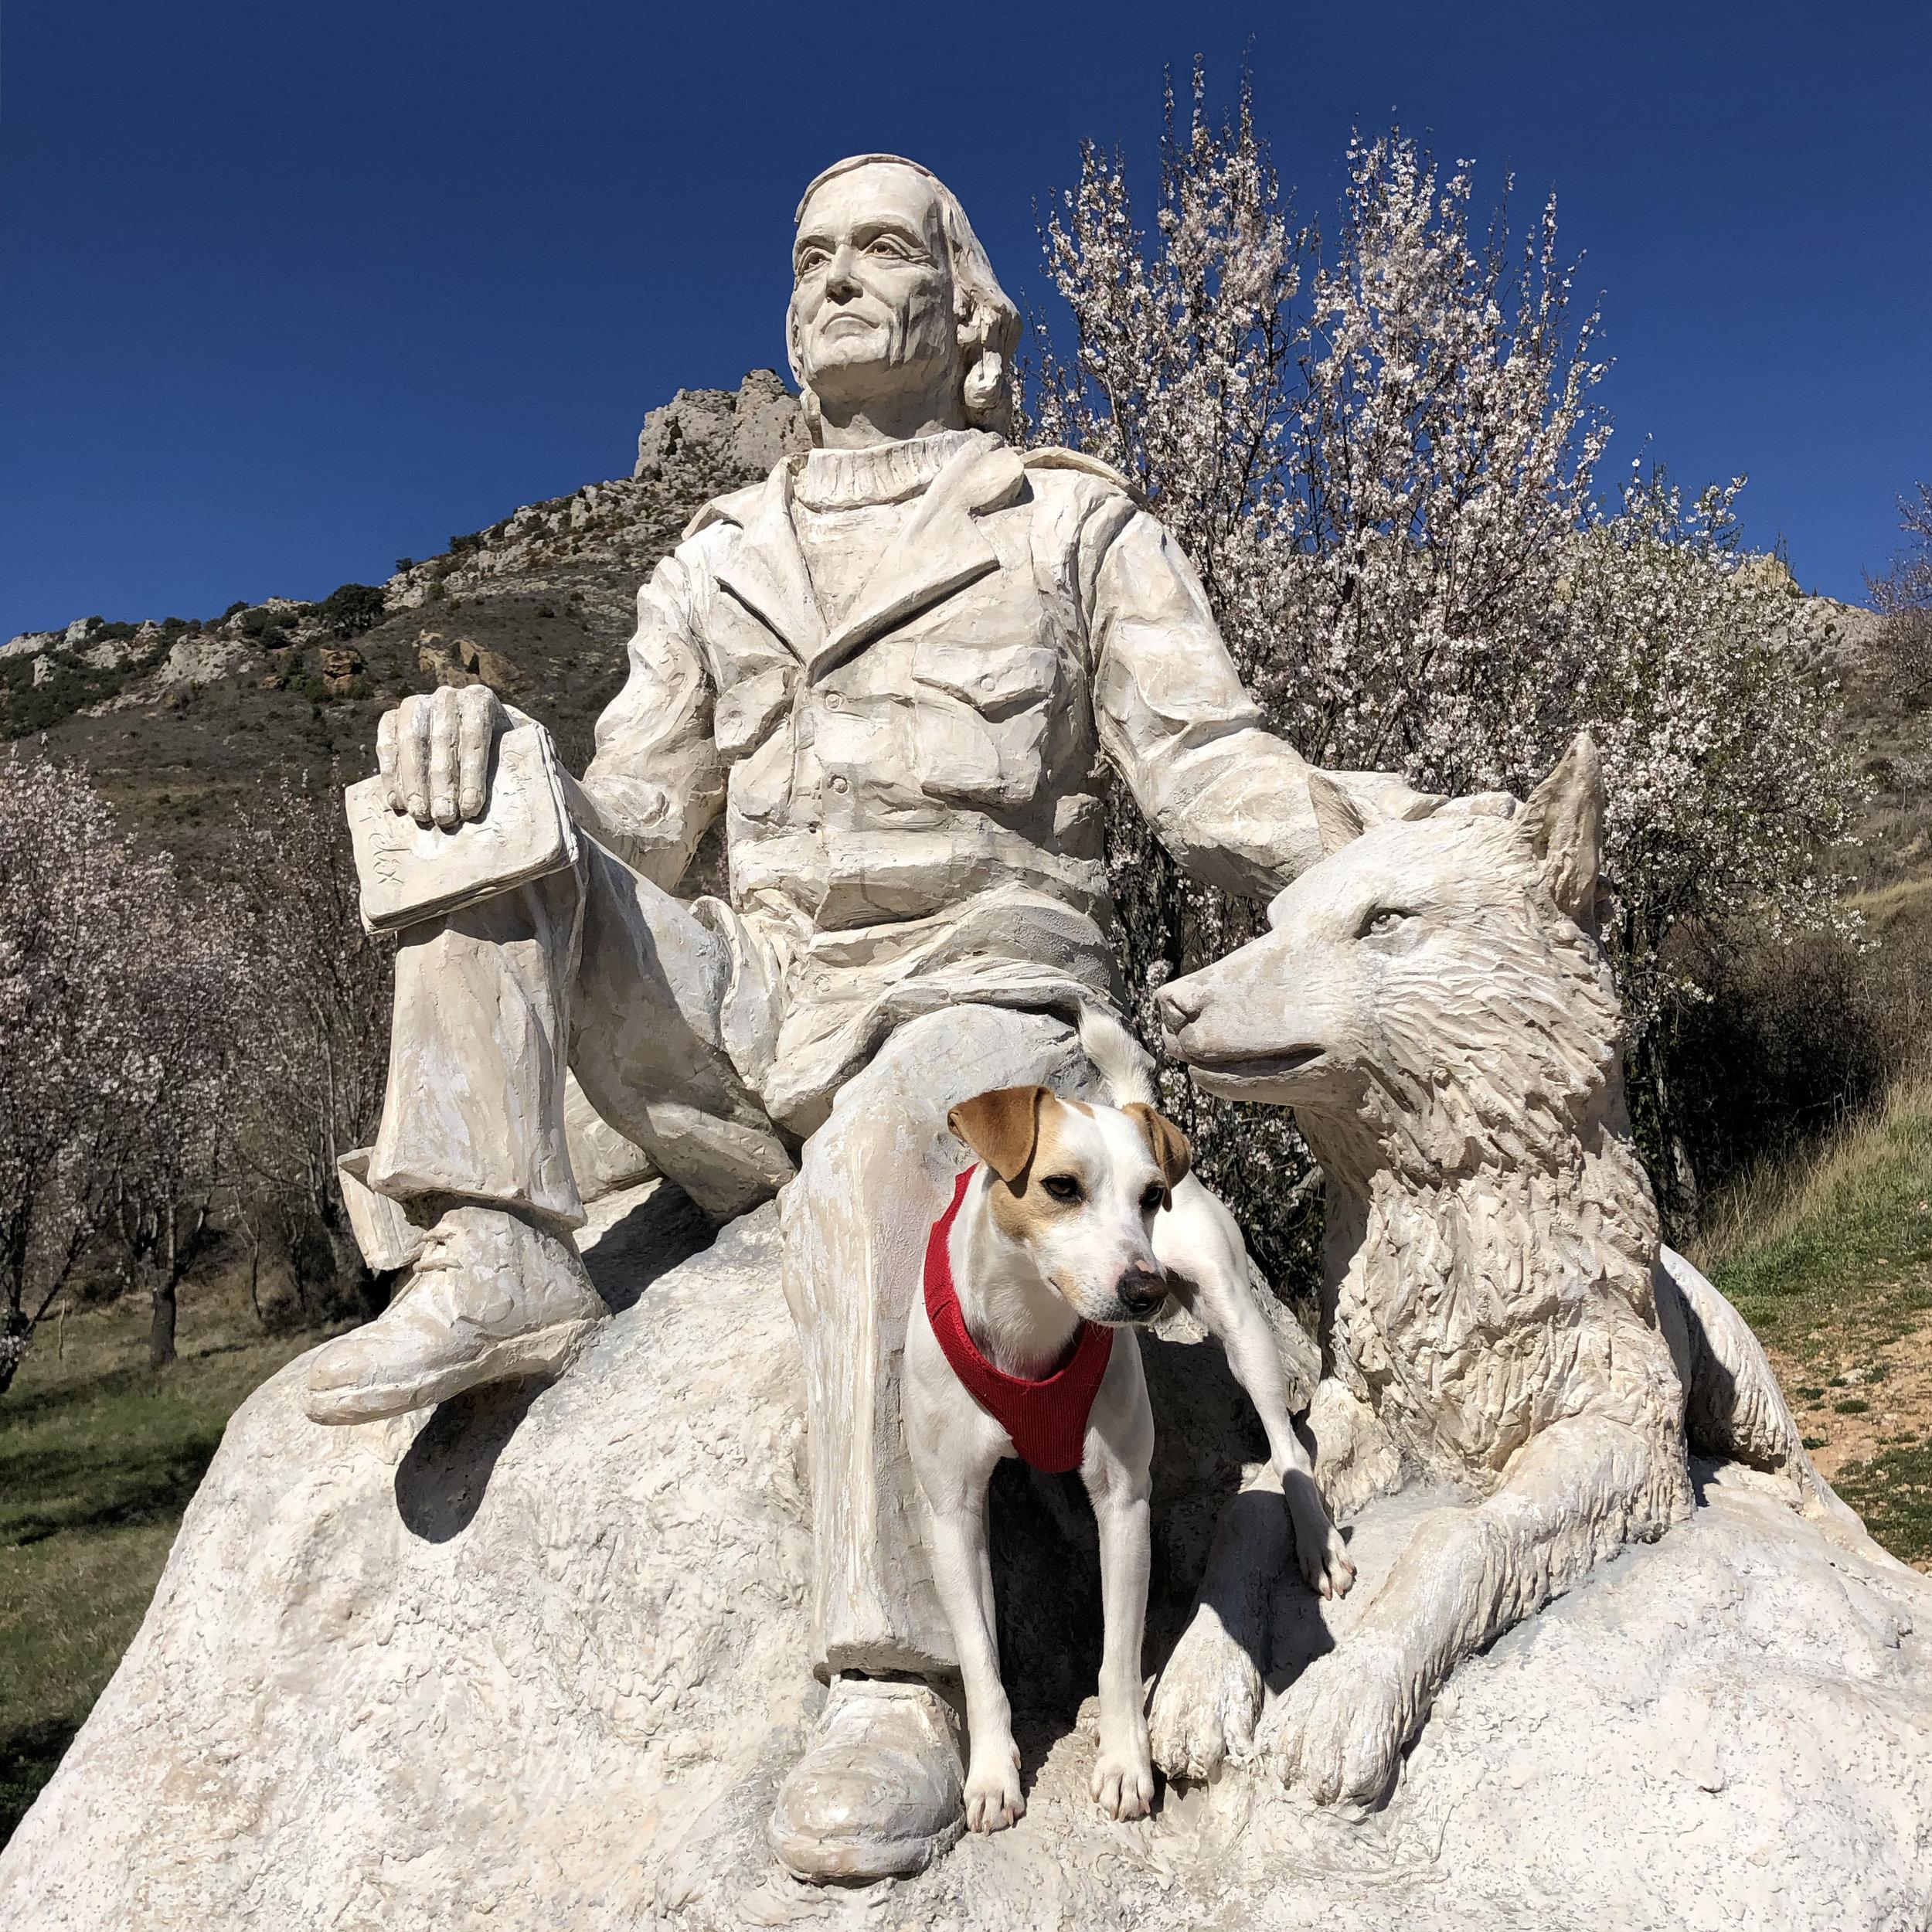 Rindiendo homenaje a Félix Rodríguez de la Fuente en Poza de la Sal.